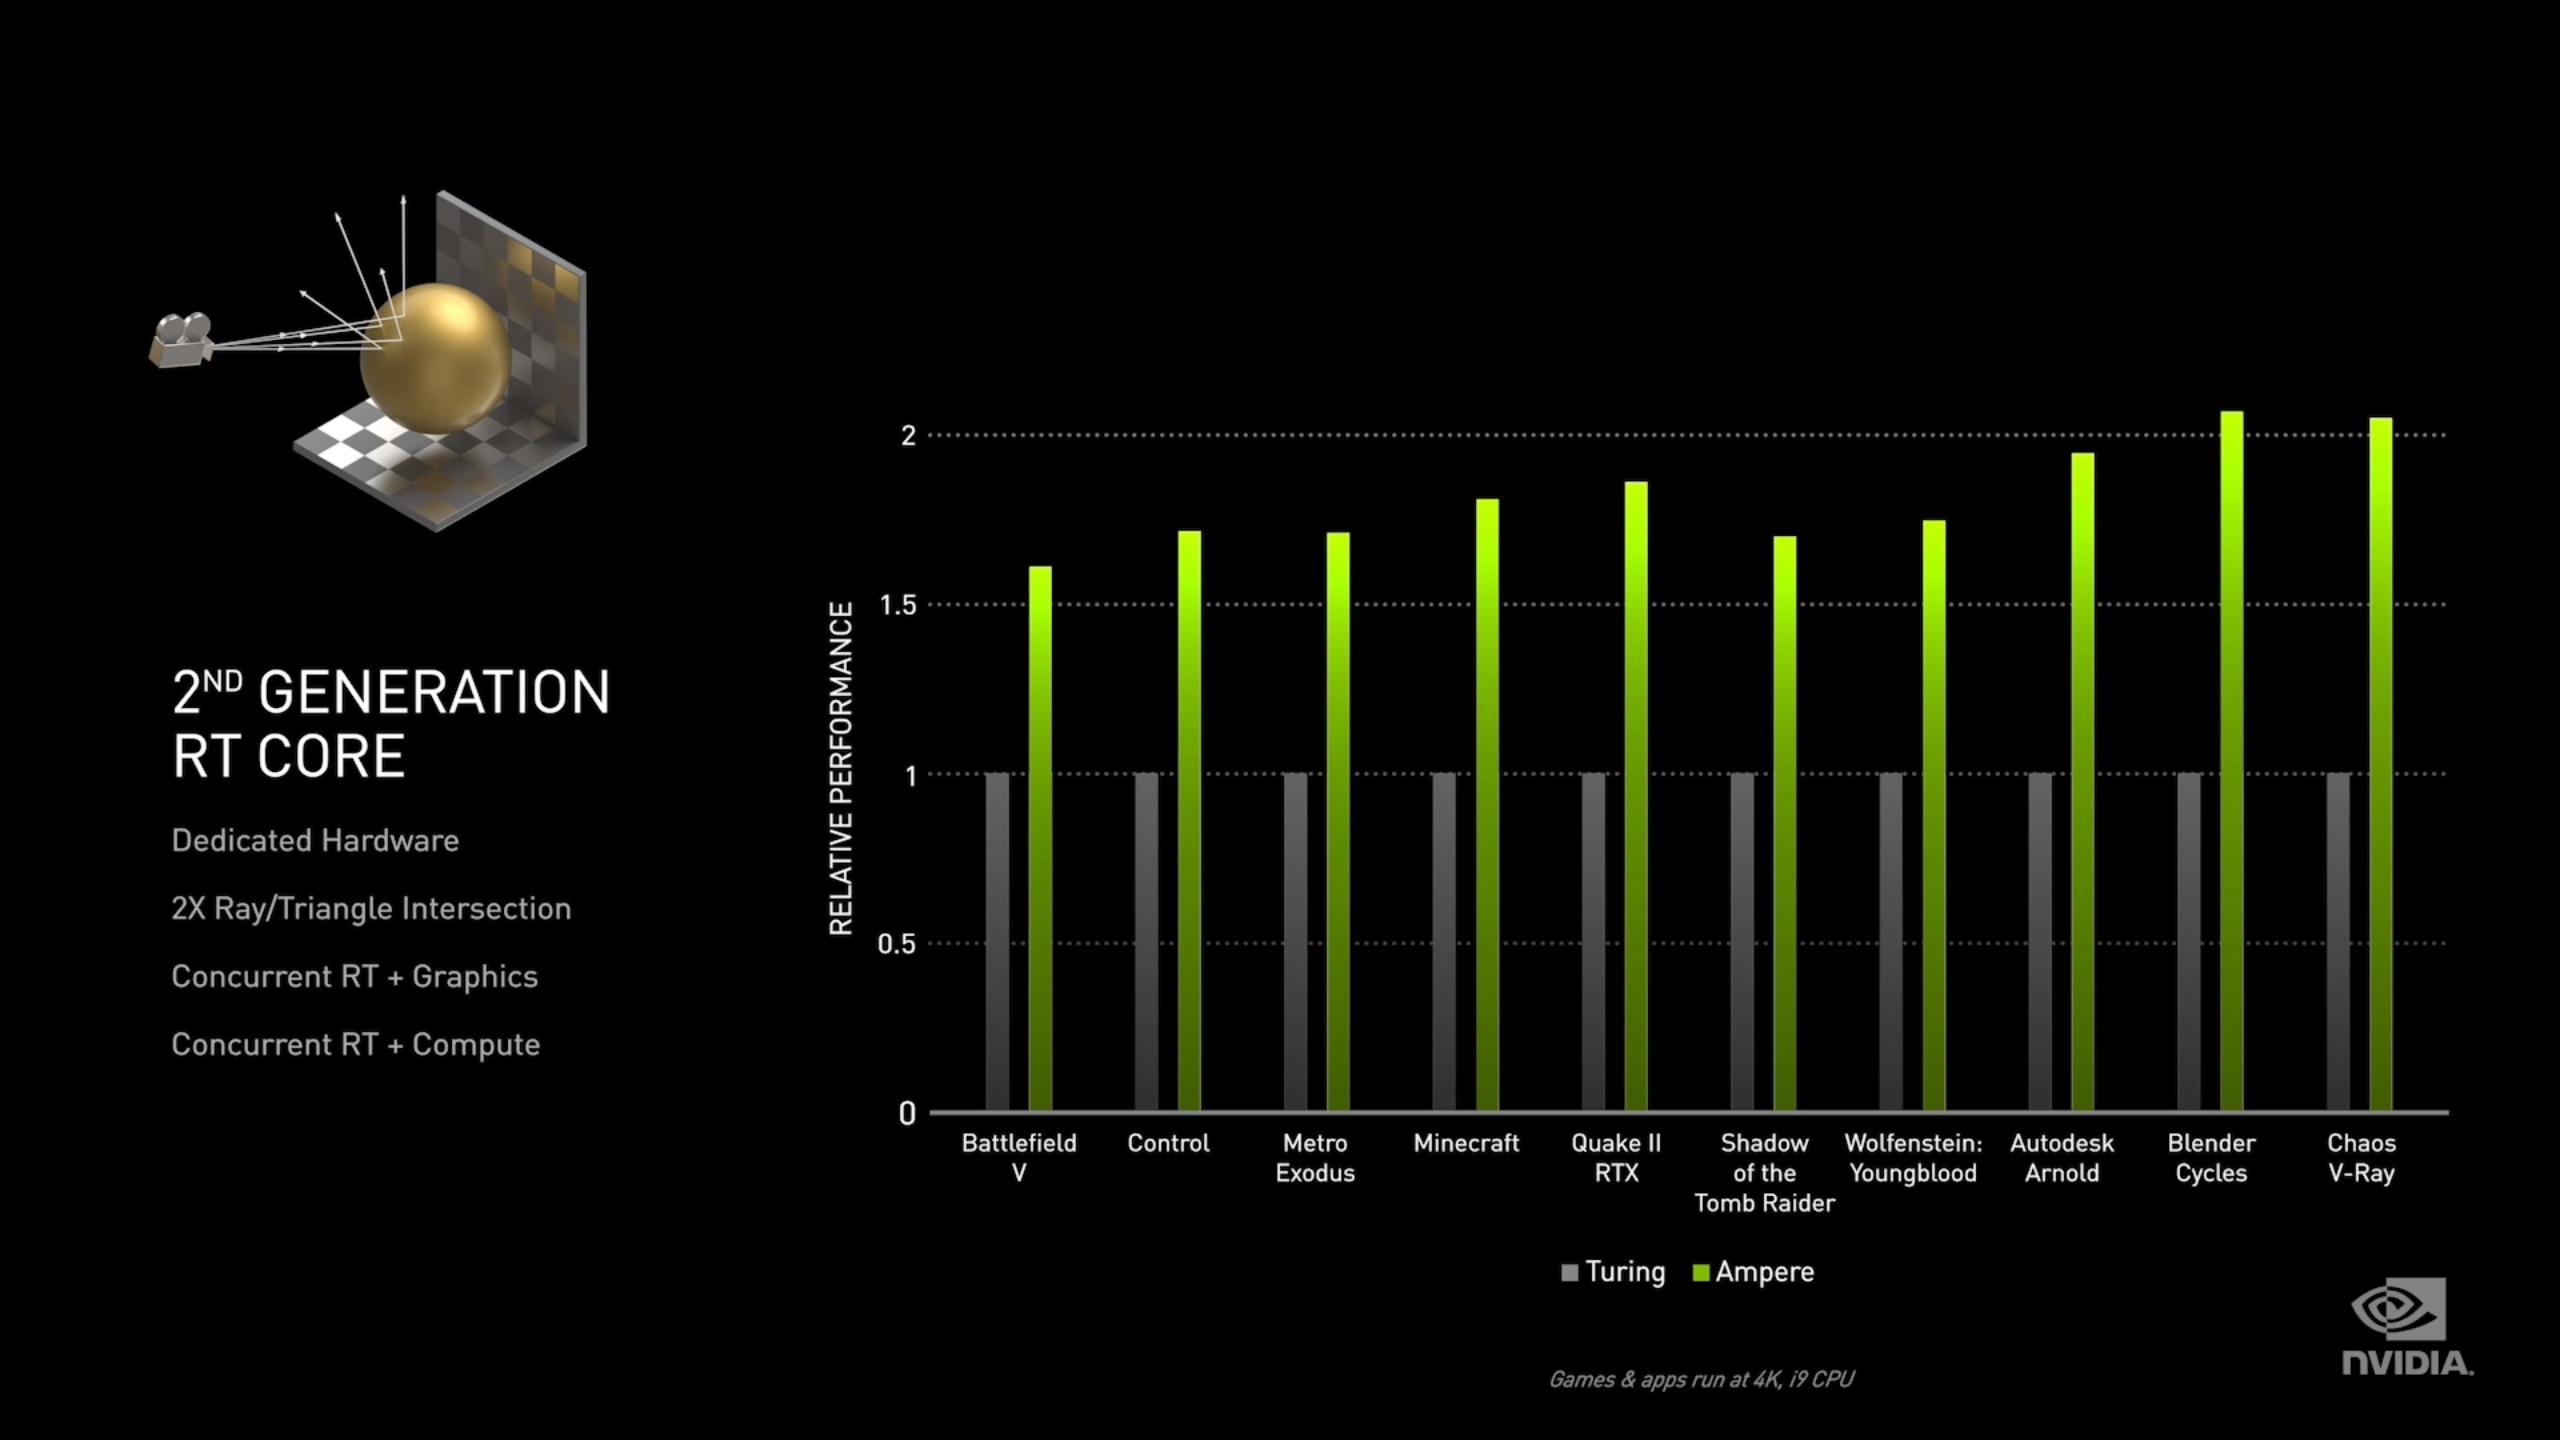 2. generasjon RT-kjerner skal ifølge Nvidia levere 1,7x høyere ytelse enn første generasjon som benyttes i Turing-baserte RTX 20-kort.